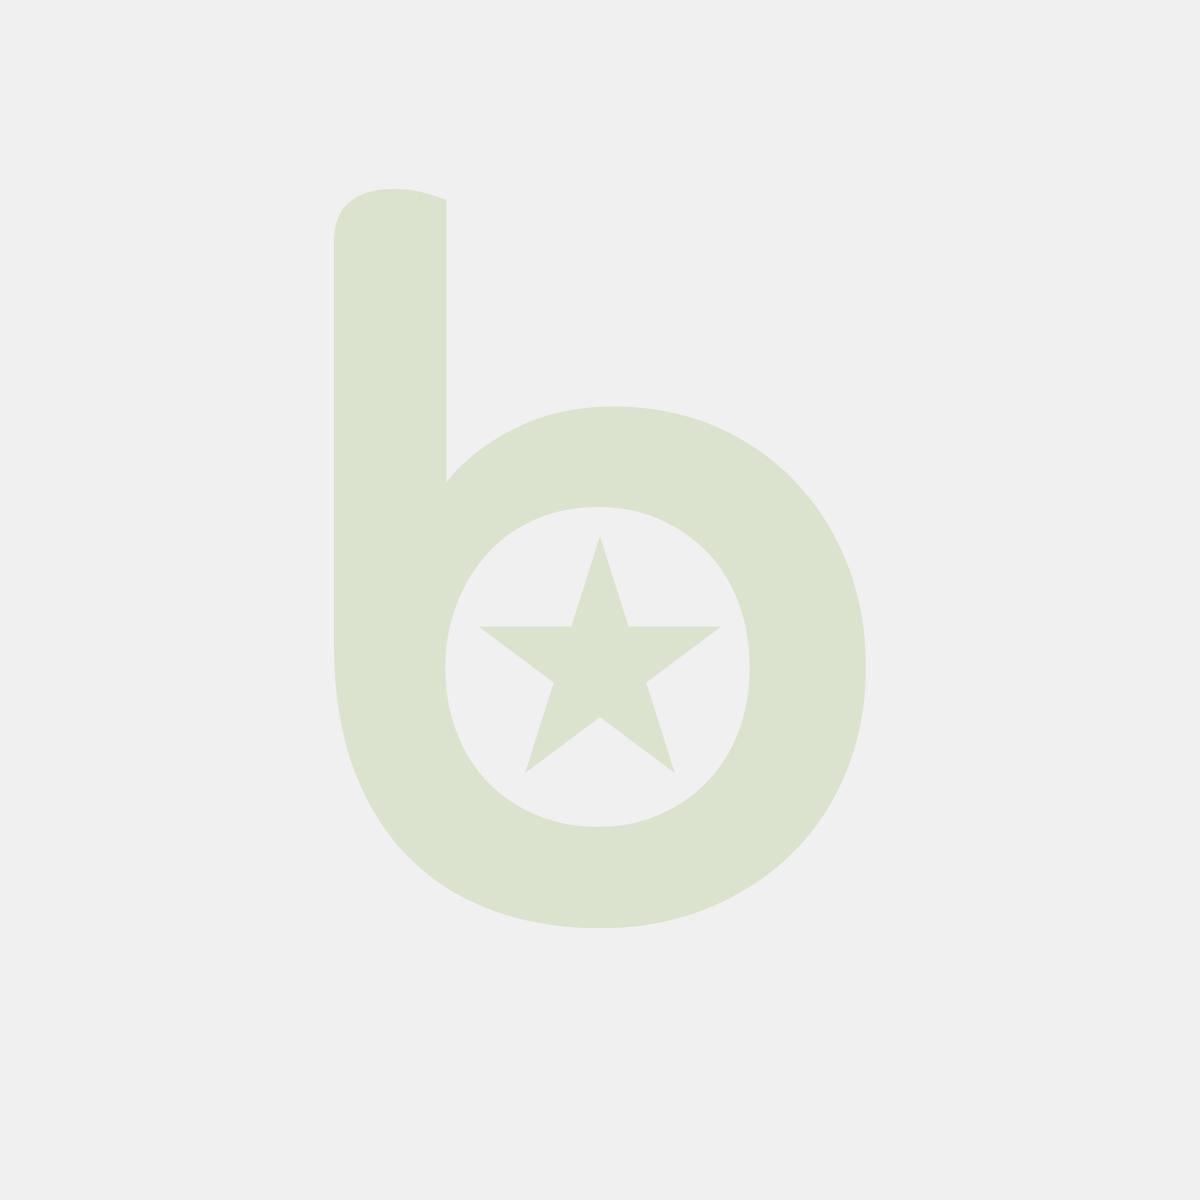 Pokrywka do miski kwadratowej PP SABERT 750ml, cena za opakowanie 50szt